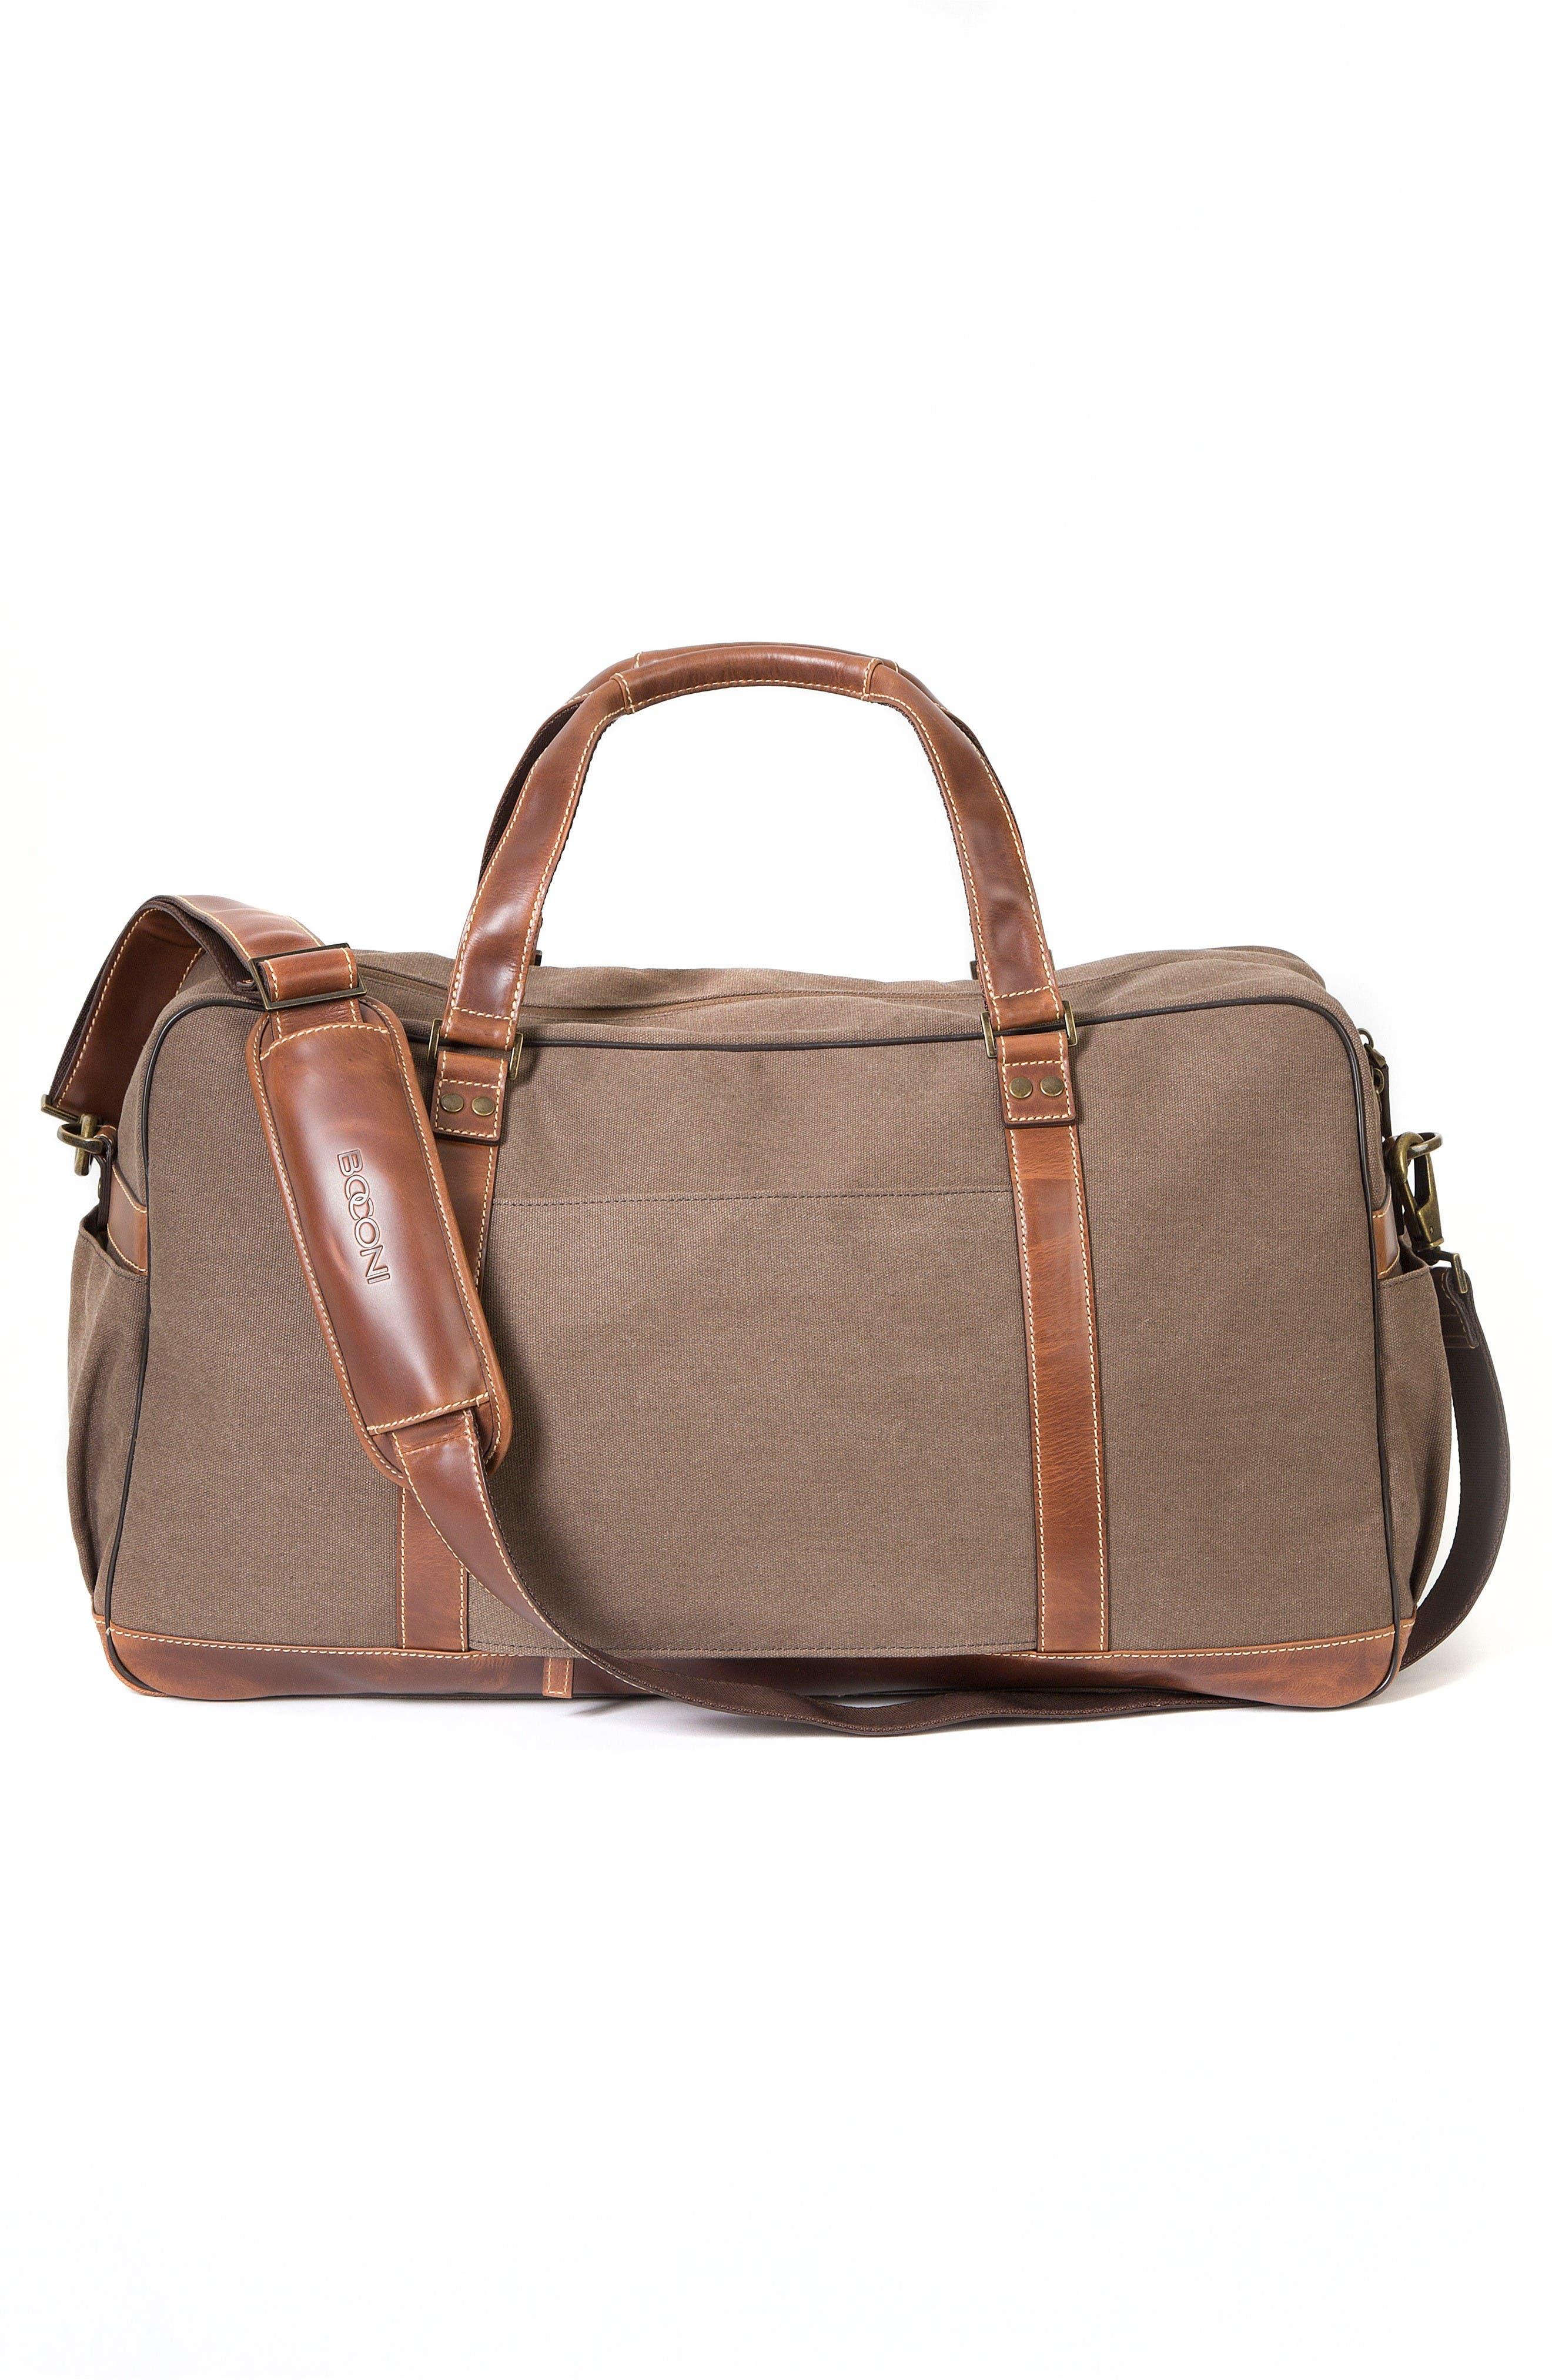 Bryant LTE Getaway Duffel Bag,                             Alternate thumbnail 2, color,                             Antique Mahogany/ Brown